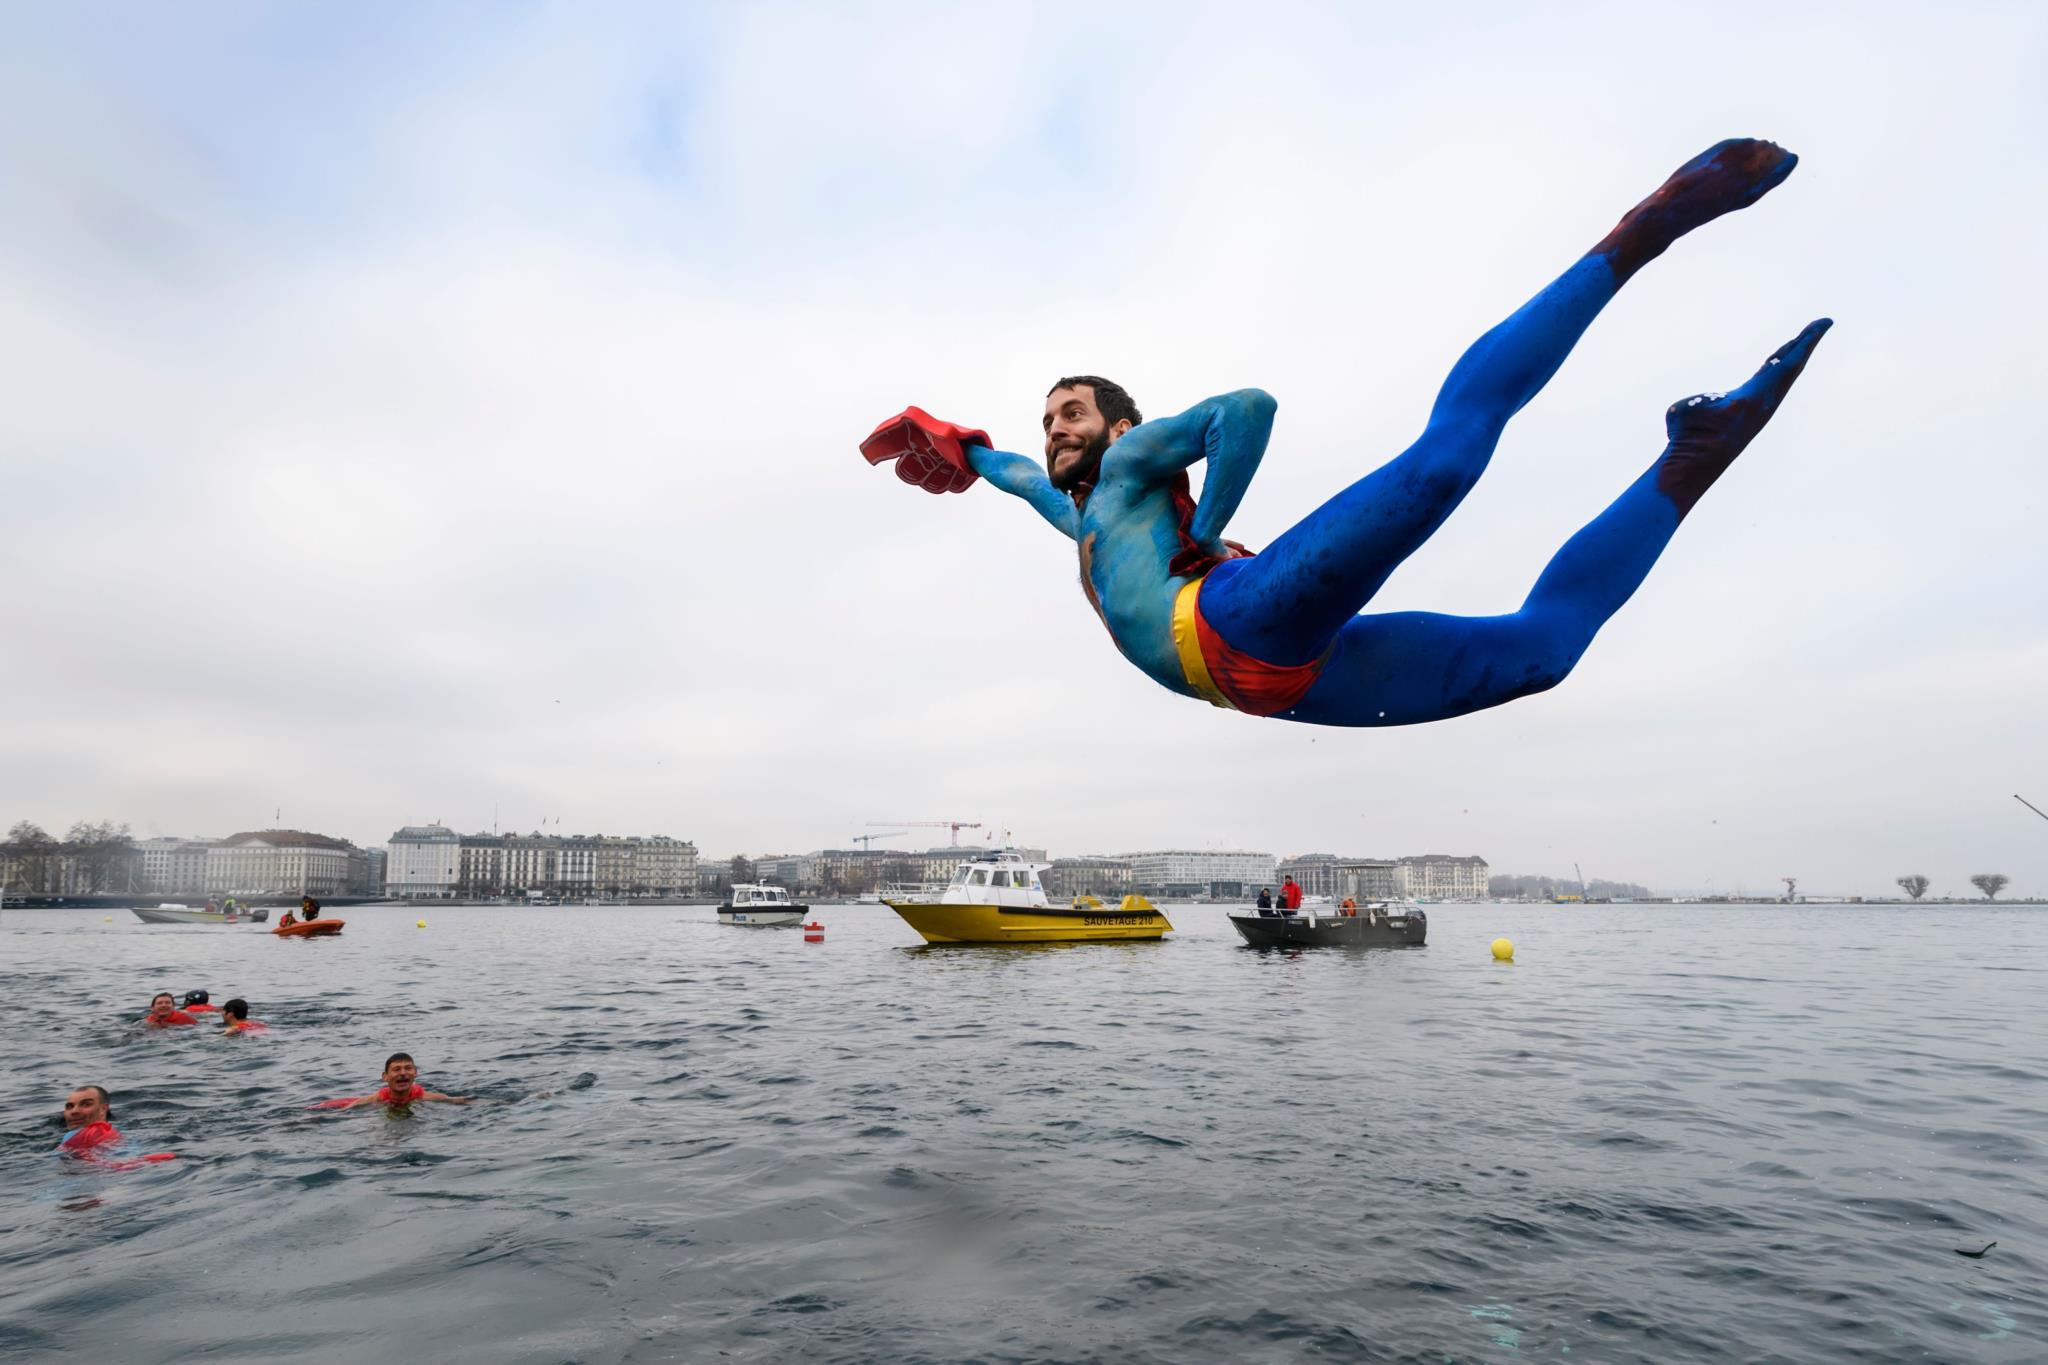 78.ª edição da competição de natação  <i>Coupe de Noel</i> (Torneio de Natal) em Genebra, Suíça